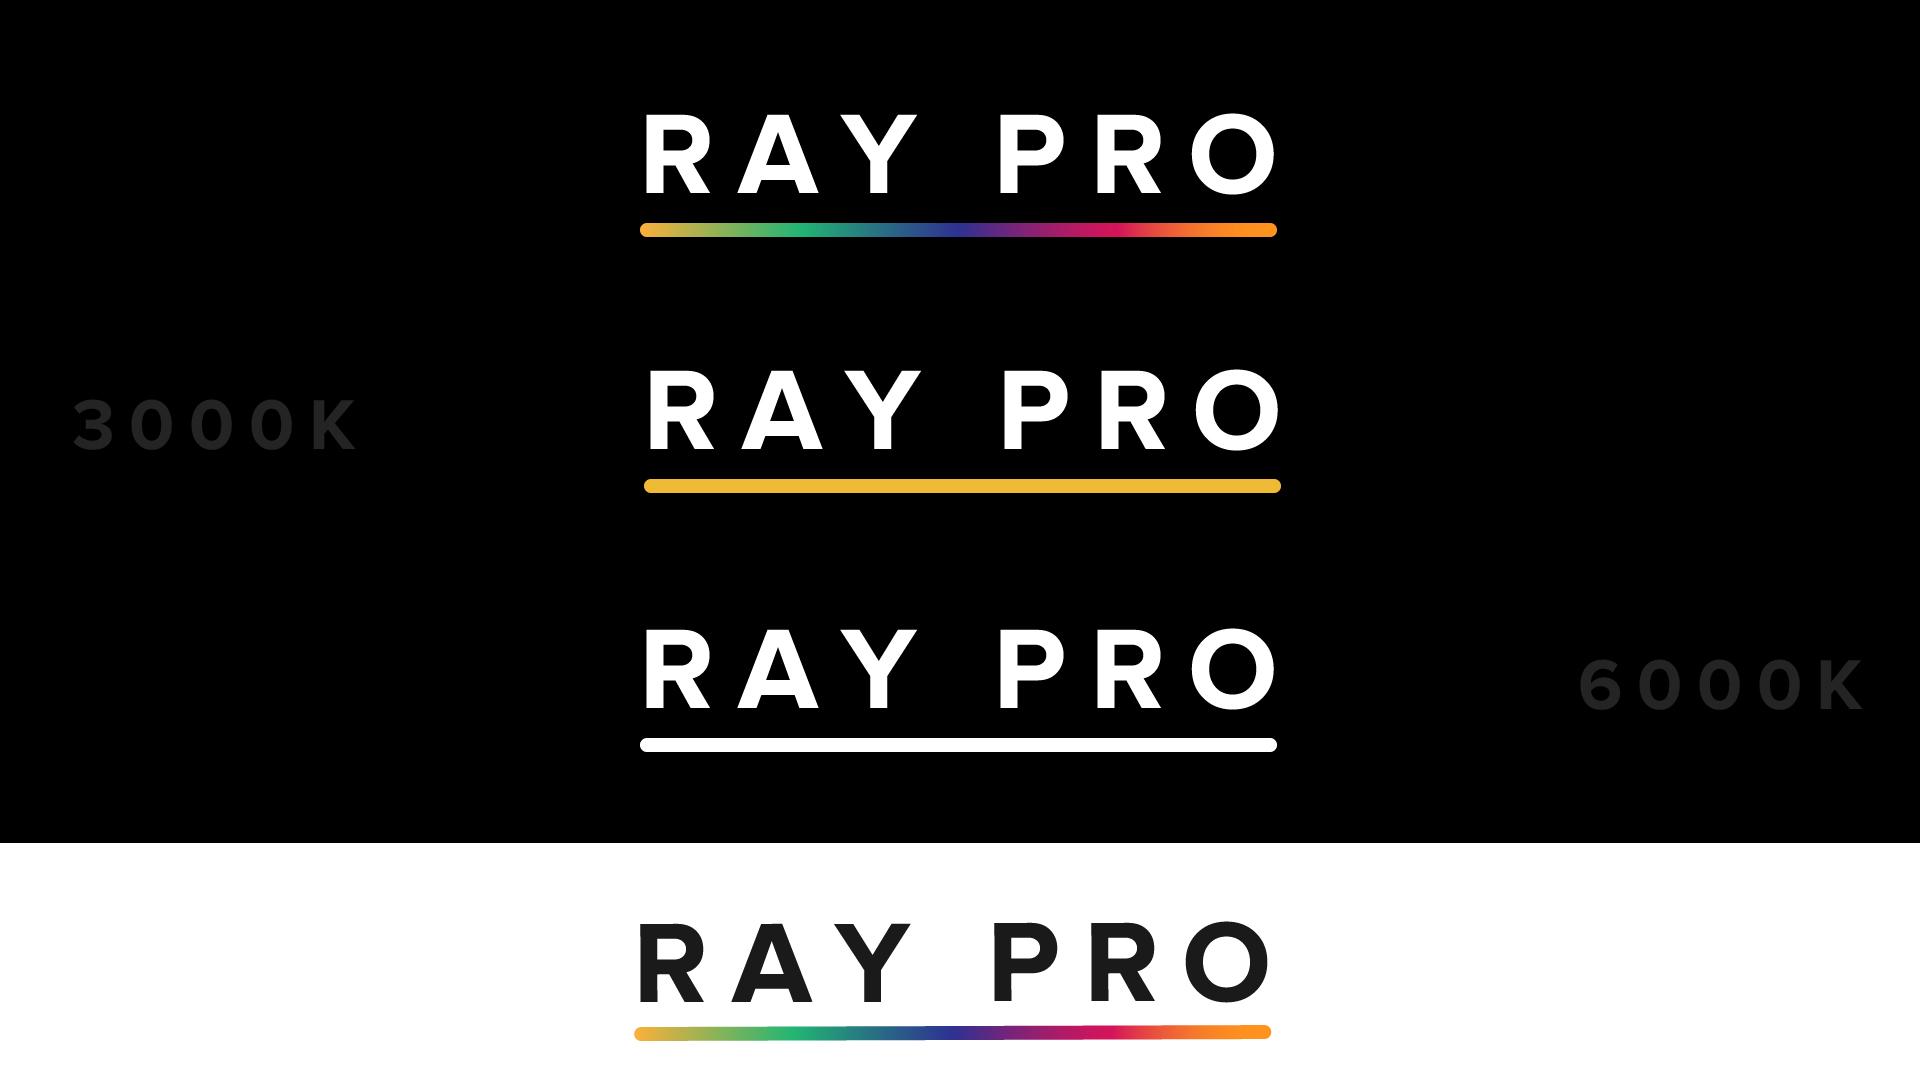 Разработка логотипа (продукт - светодиодная лента) фото f_3535bc24b61e1531.jpg